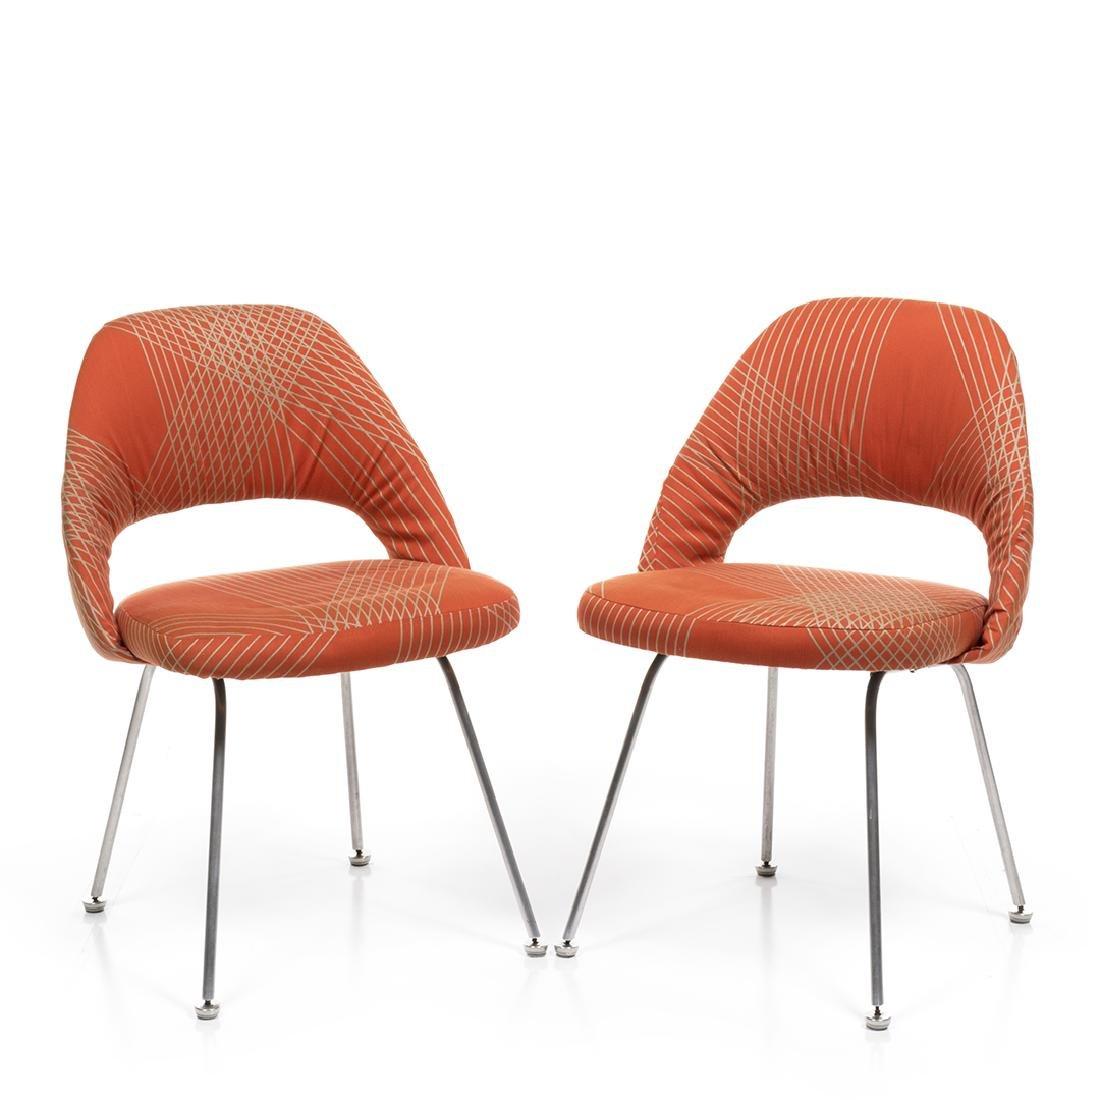 Eero Saarinen Executive Chairs